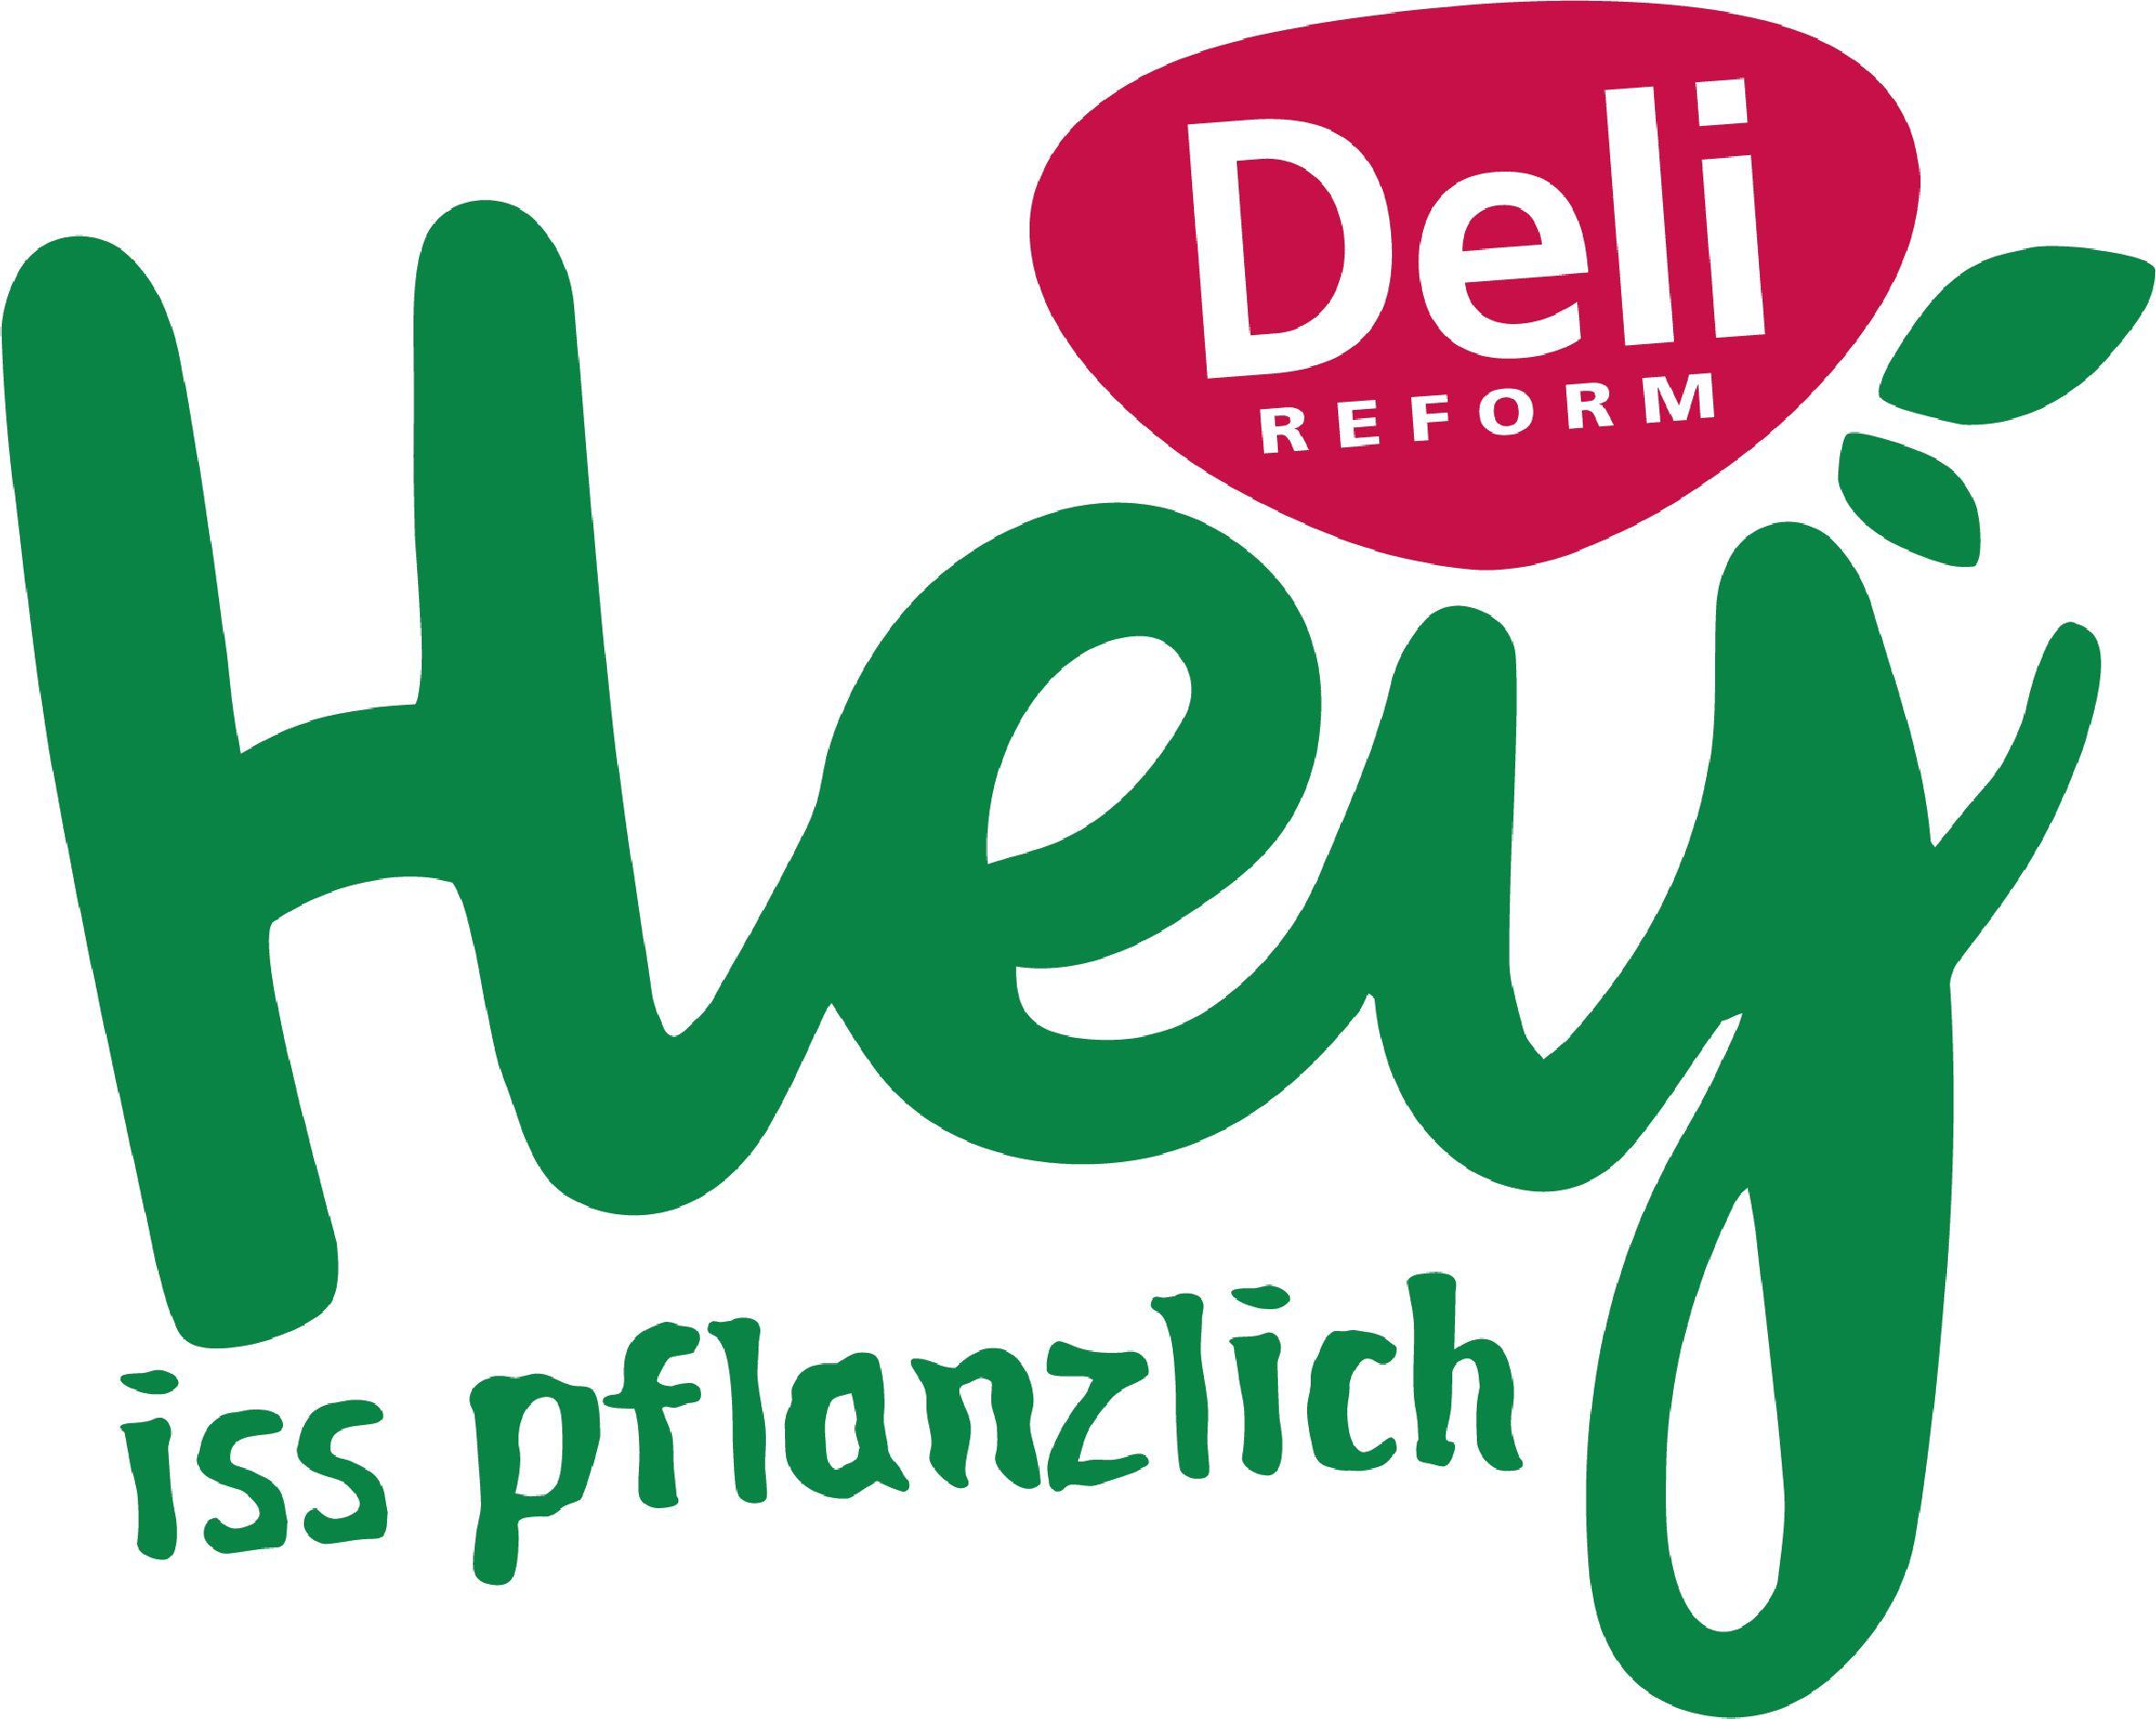 Logo Hey, iss pflanzlich